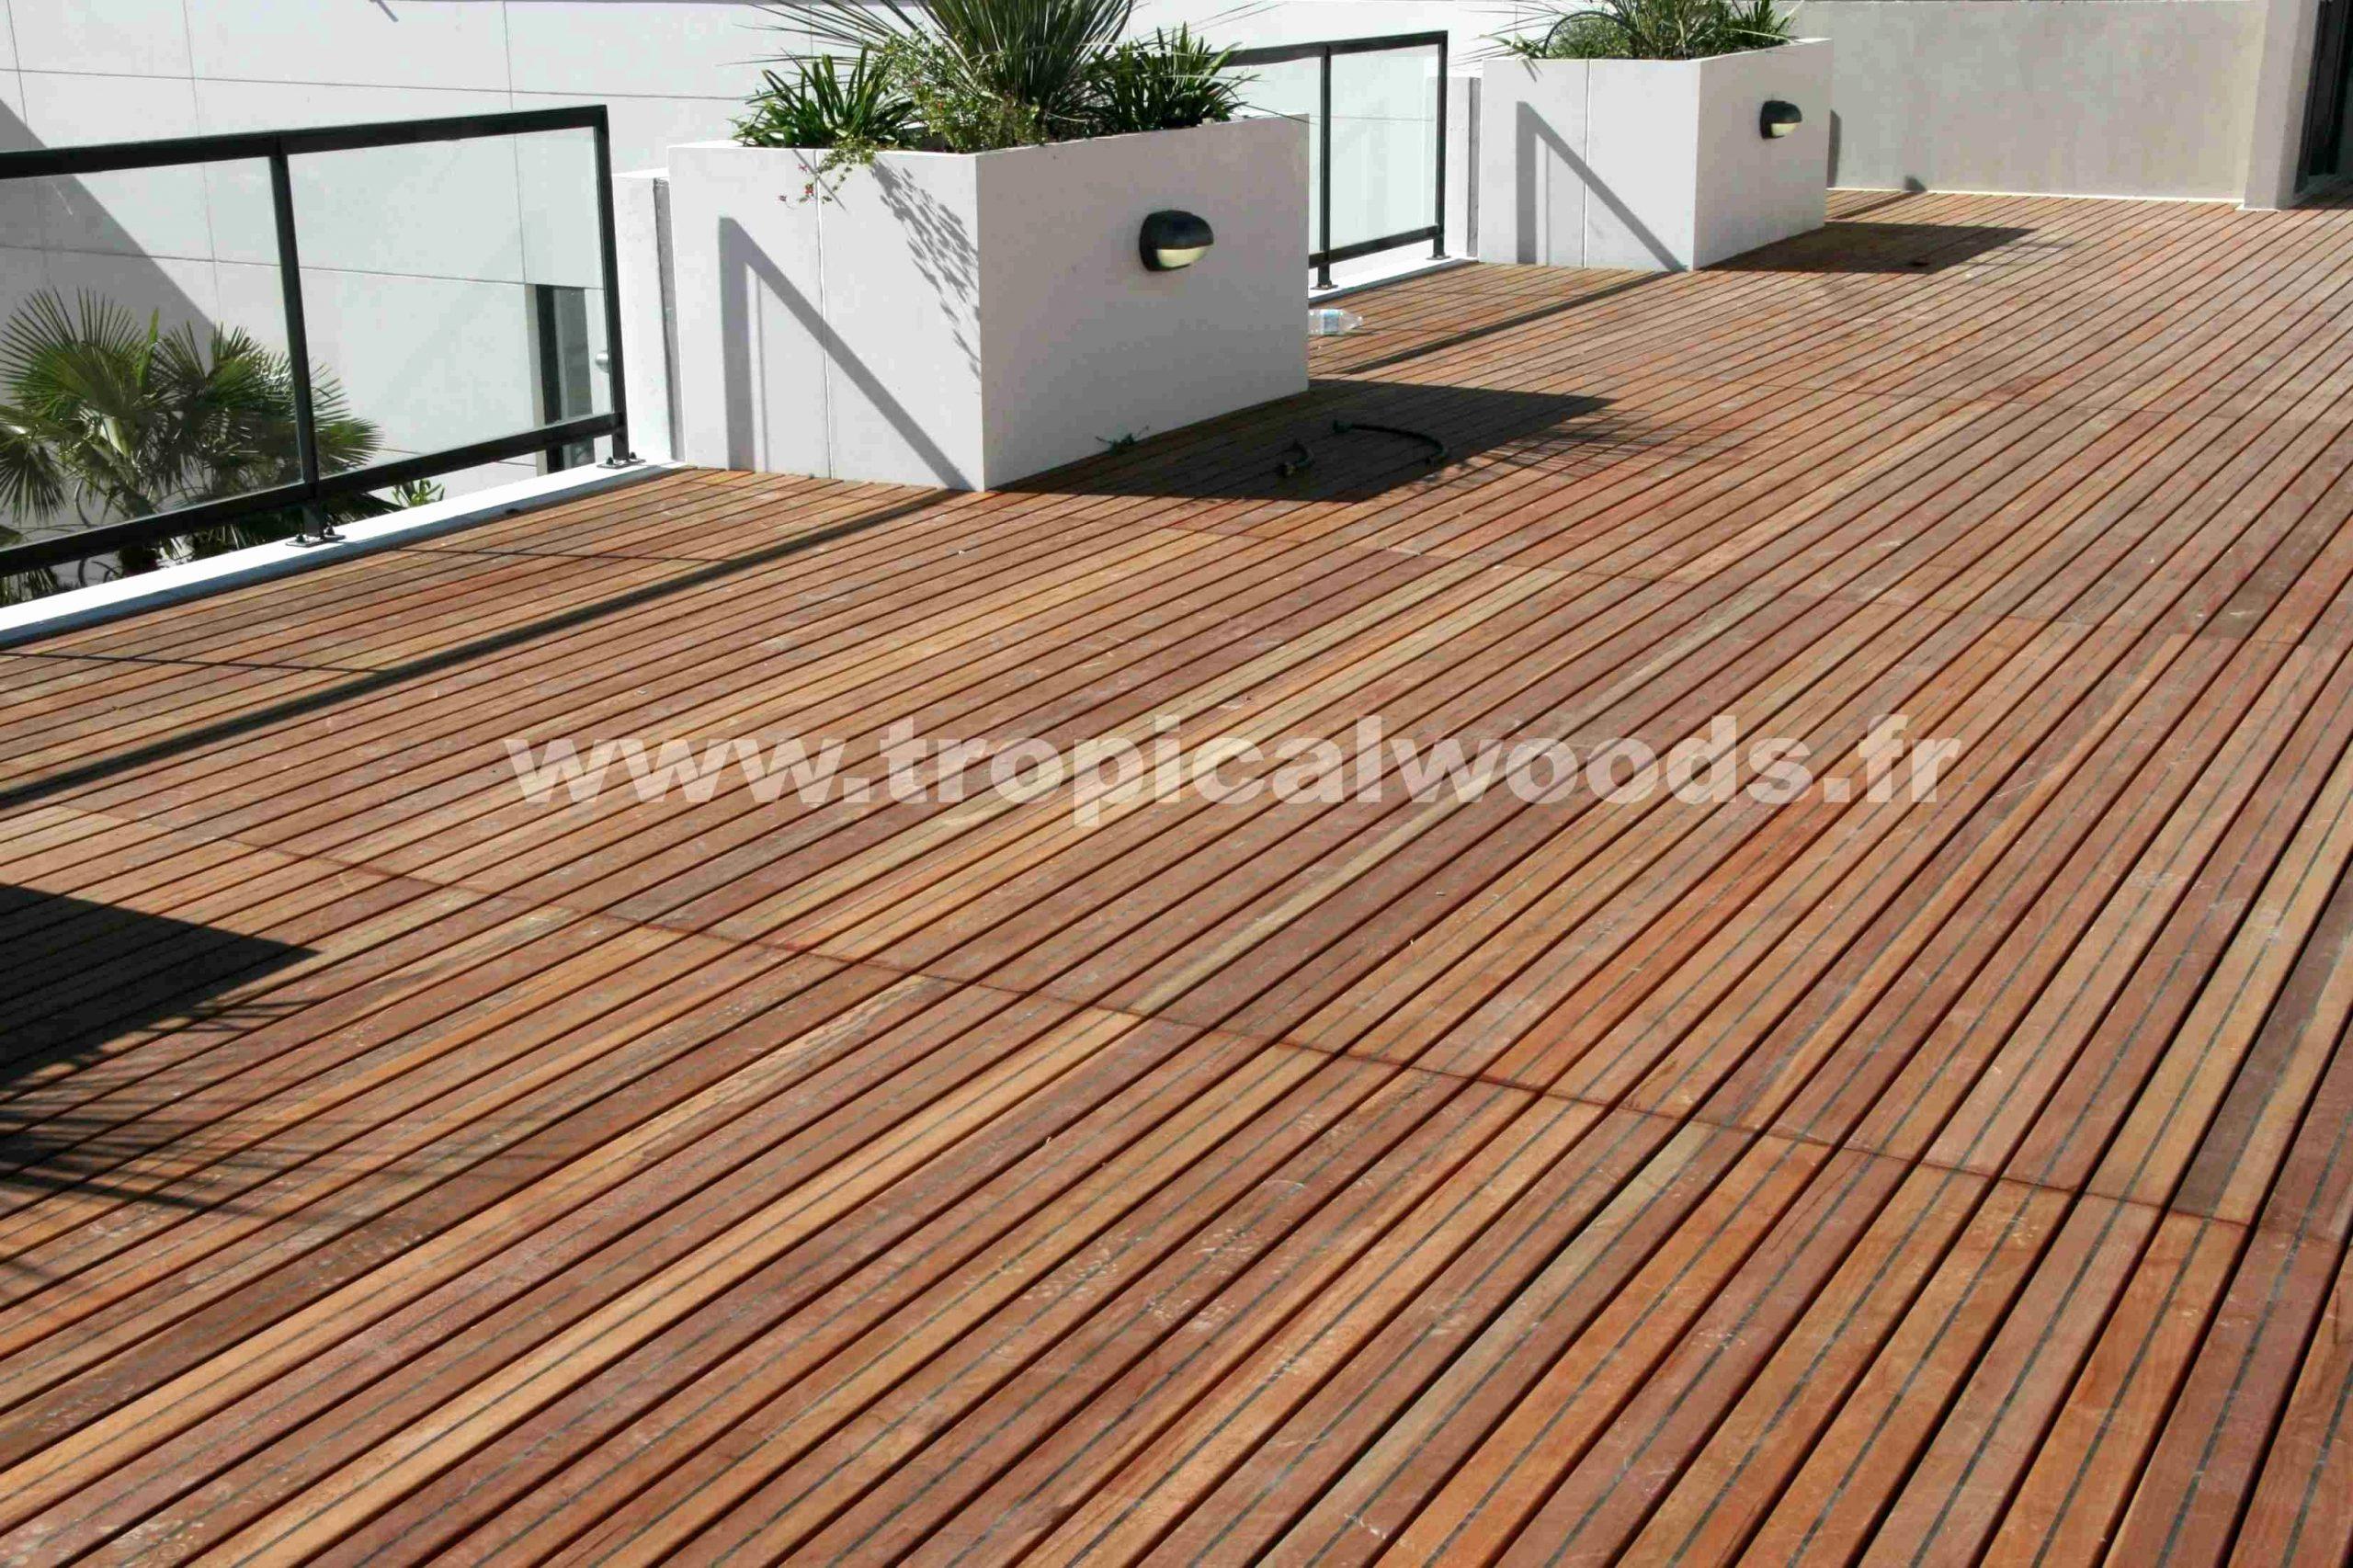 Carrelage Terrasse Brico Depot | Venus Et Judes tout Plot Reglable Terrasse Bois Brico Depot